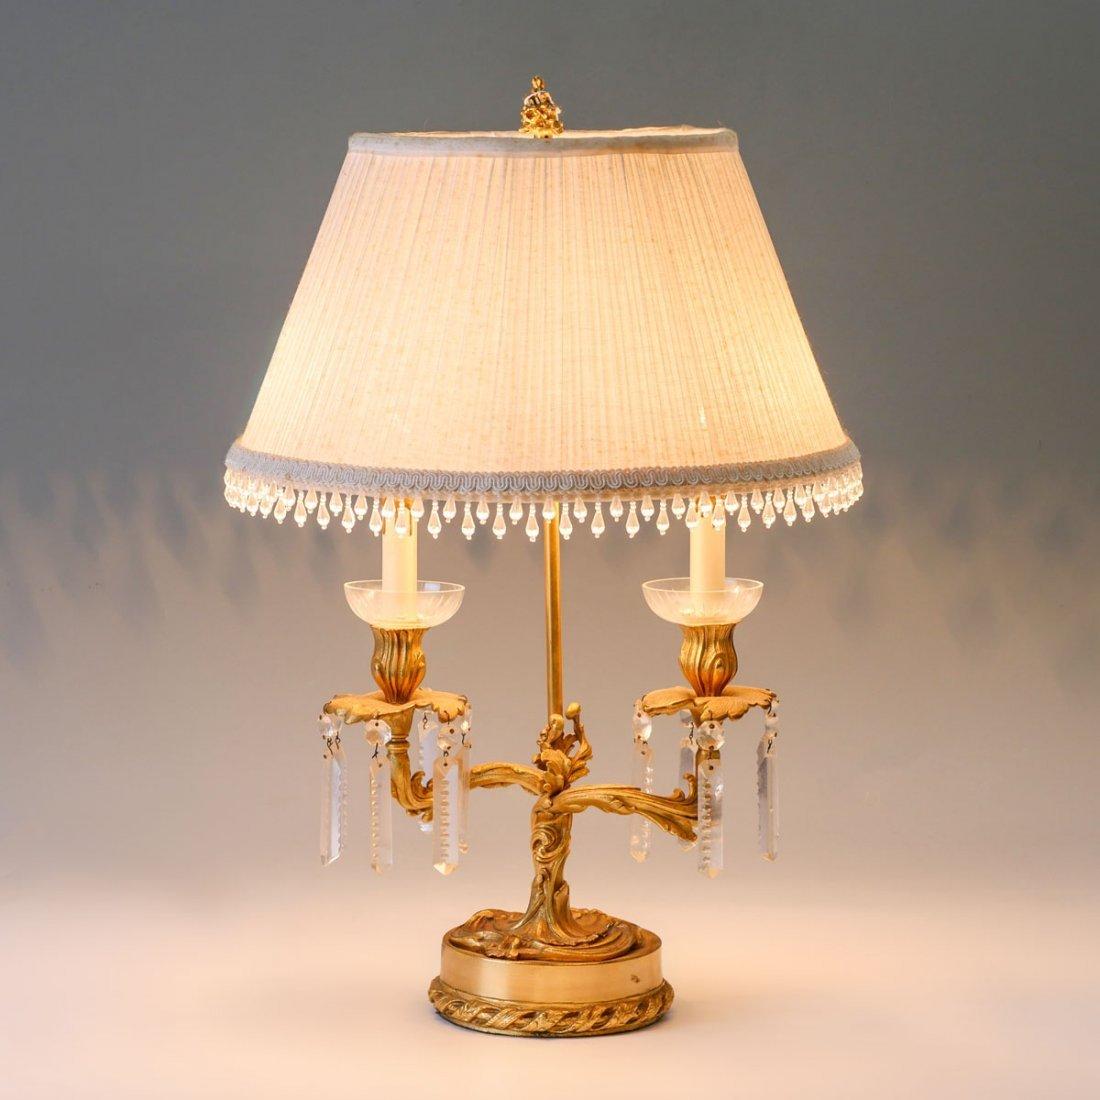 ART NOUVEAU 2-LIGHT DORE BRONZE LAMP